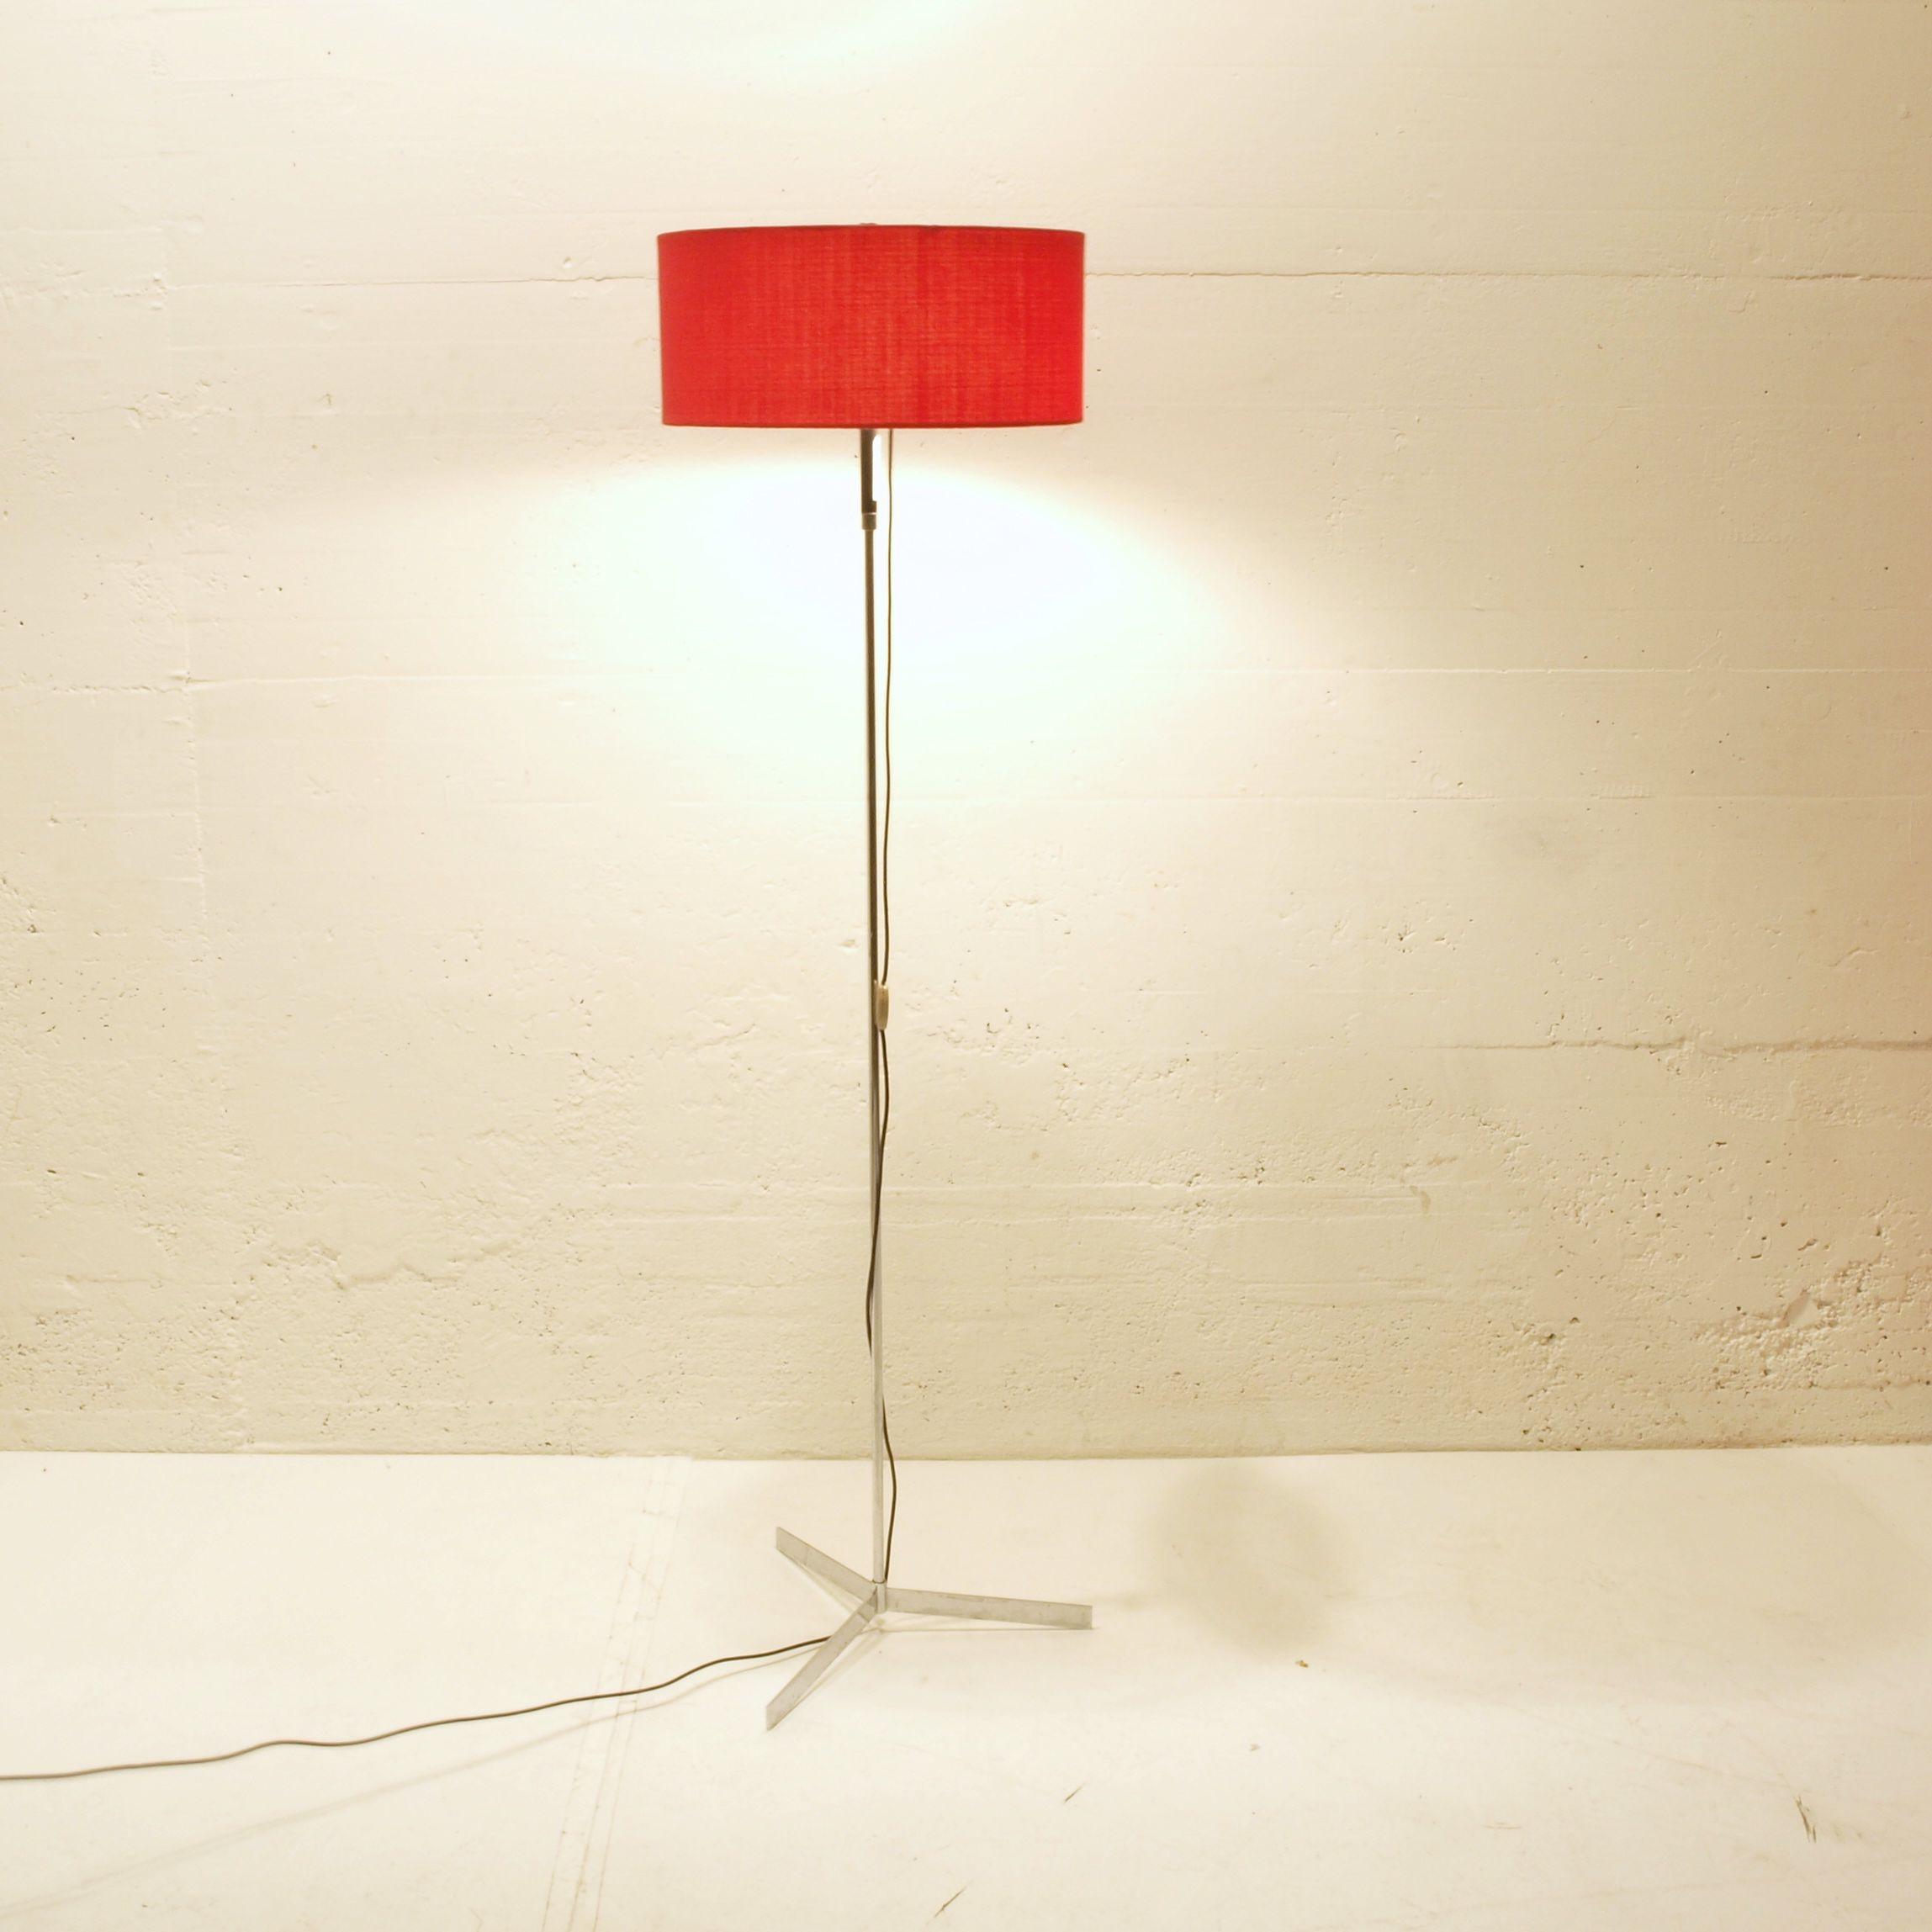 3 Fuss Stehlampe Mit Rotem Schirm Mobel Zurich Vintagemobel